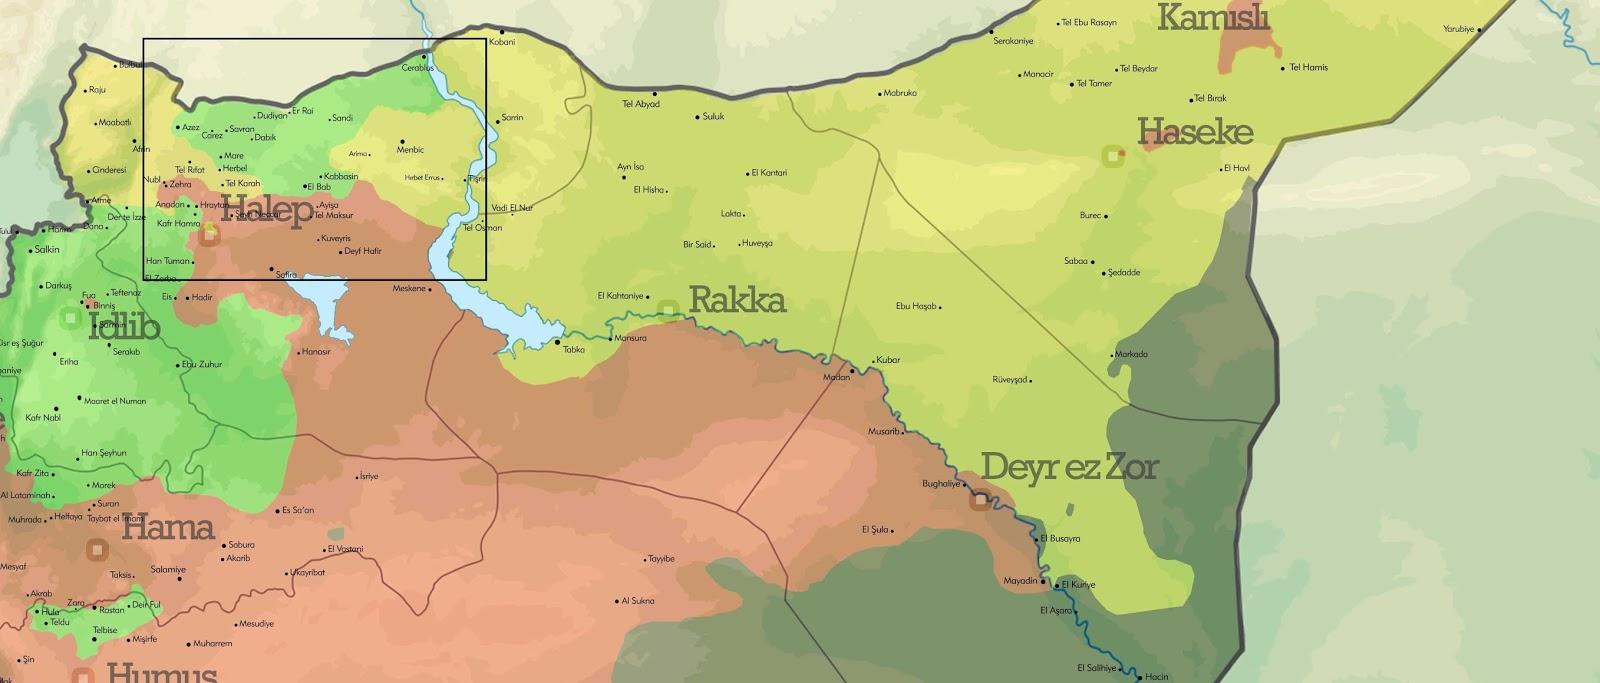 Türkiye, Fırat'ın doğusunda ve batısında Halep'te de elini güçlendirebilir' 37